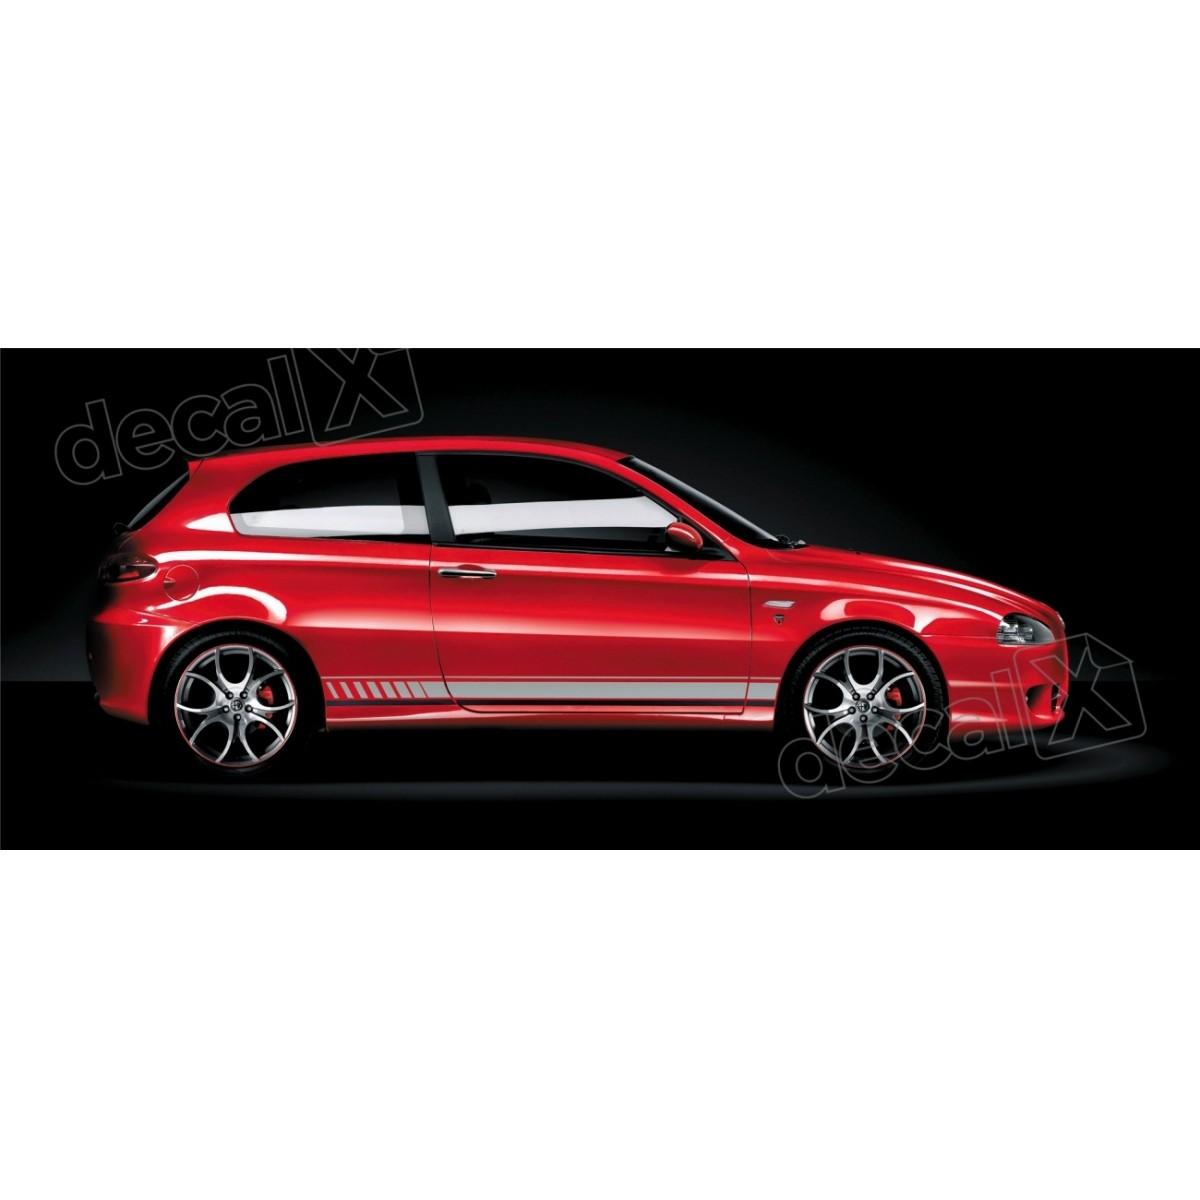 Adesivo Alfa Romeo Faixa Lateral 3m Fa01